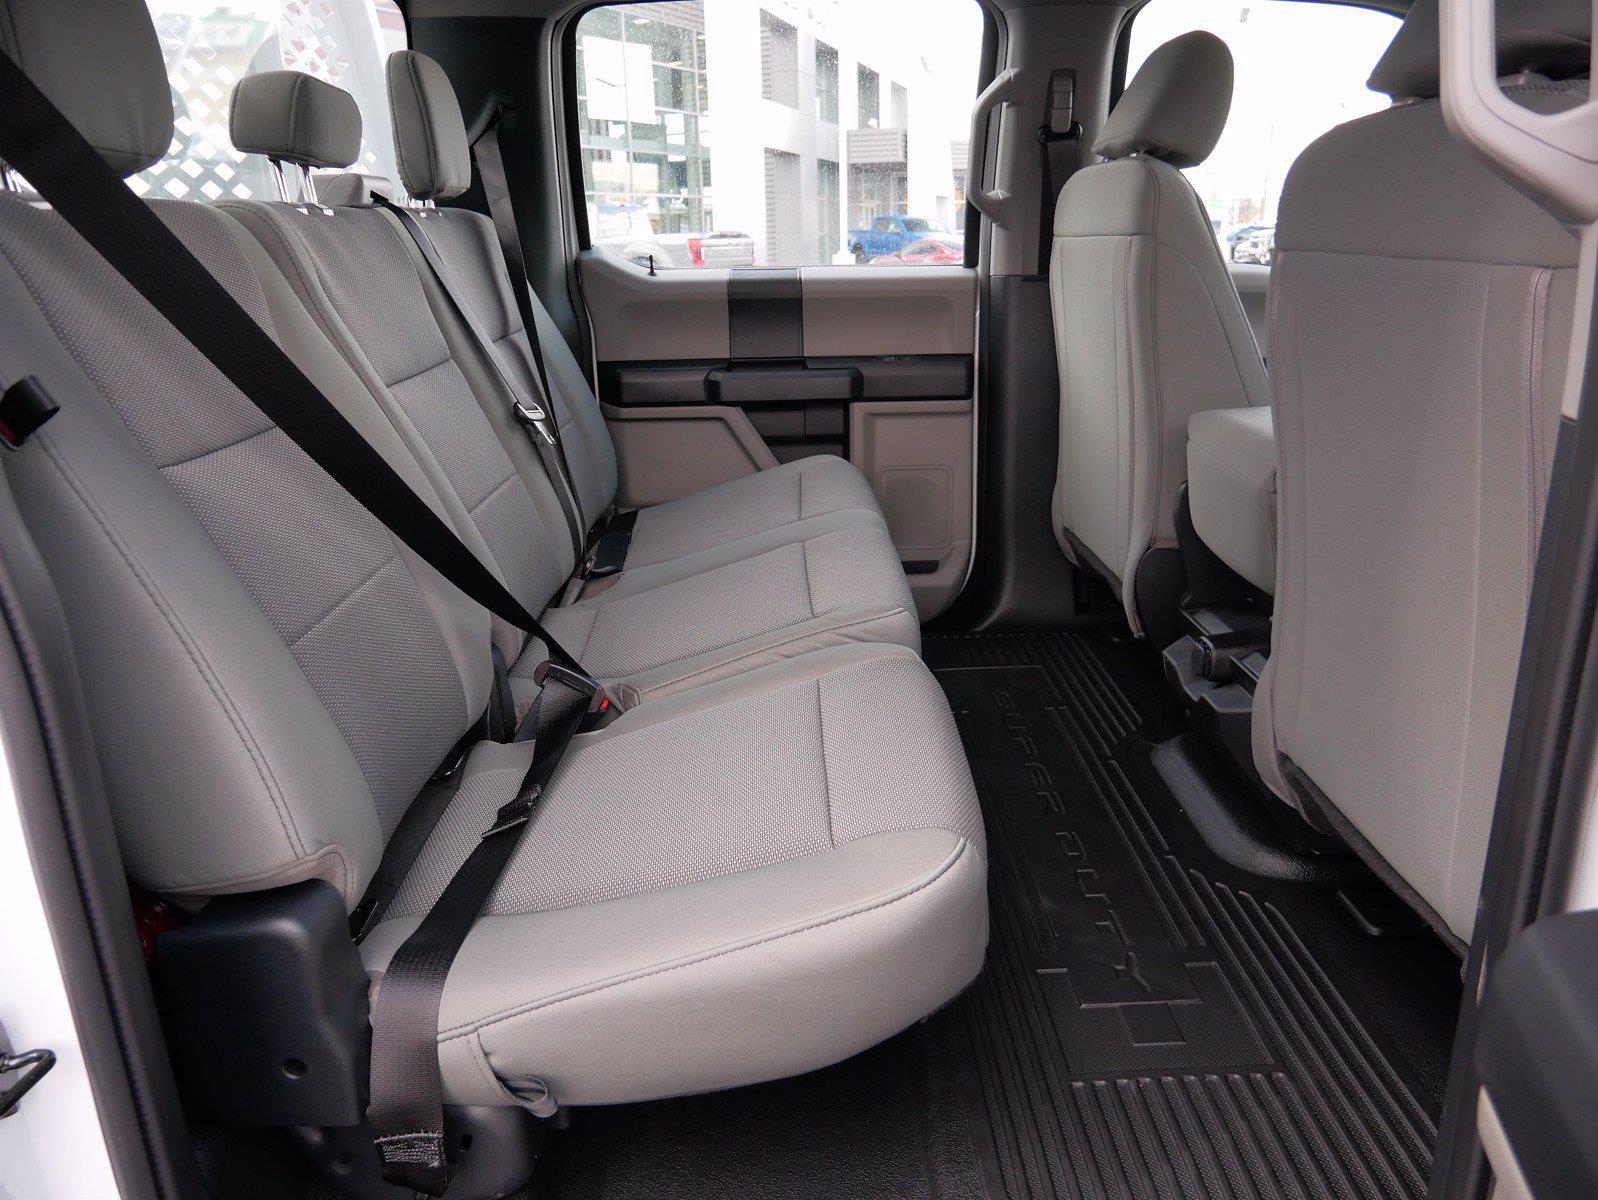 2021 Ford F-550 Crew Cab DRW 4x4, Scelzi SCTFB Contractor Body #64056 - photo 28